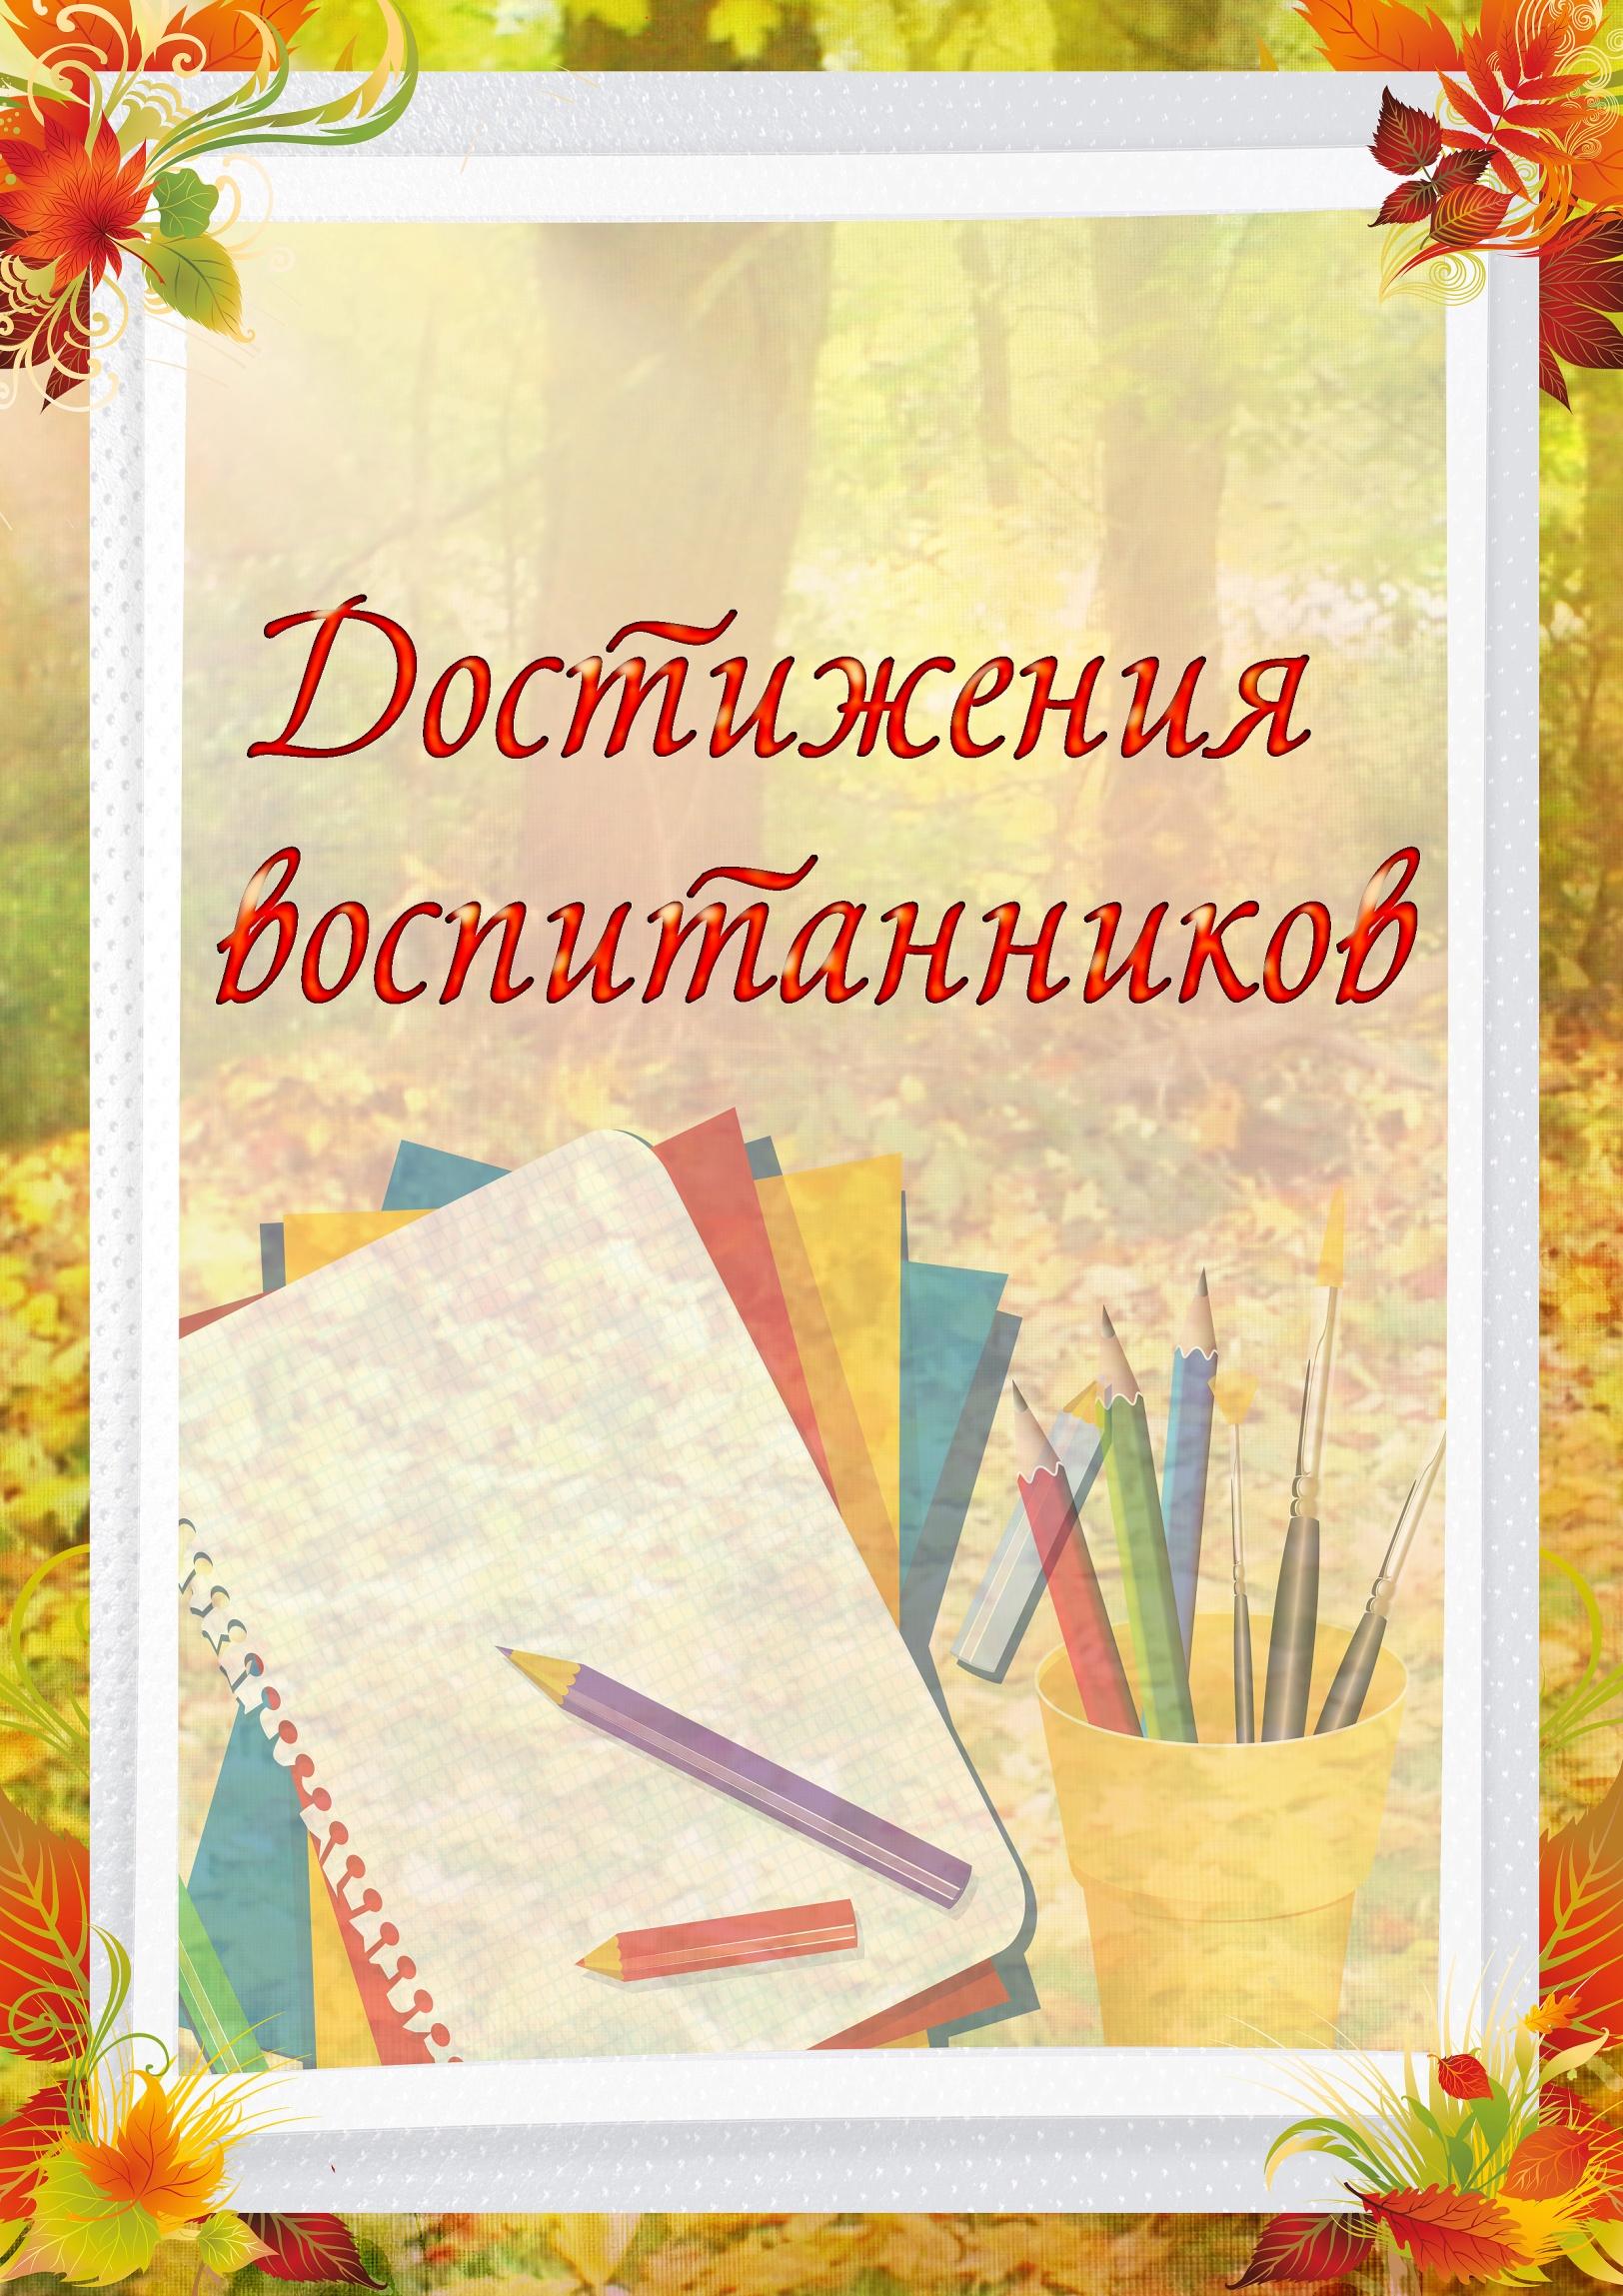 C:\Documents and Settings\Дом\Рабочий стол\portfolio-vospitatelya5\портфолио воспитателя2\Достижения воспитанников.jpg